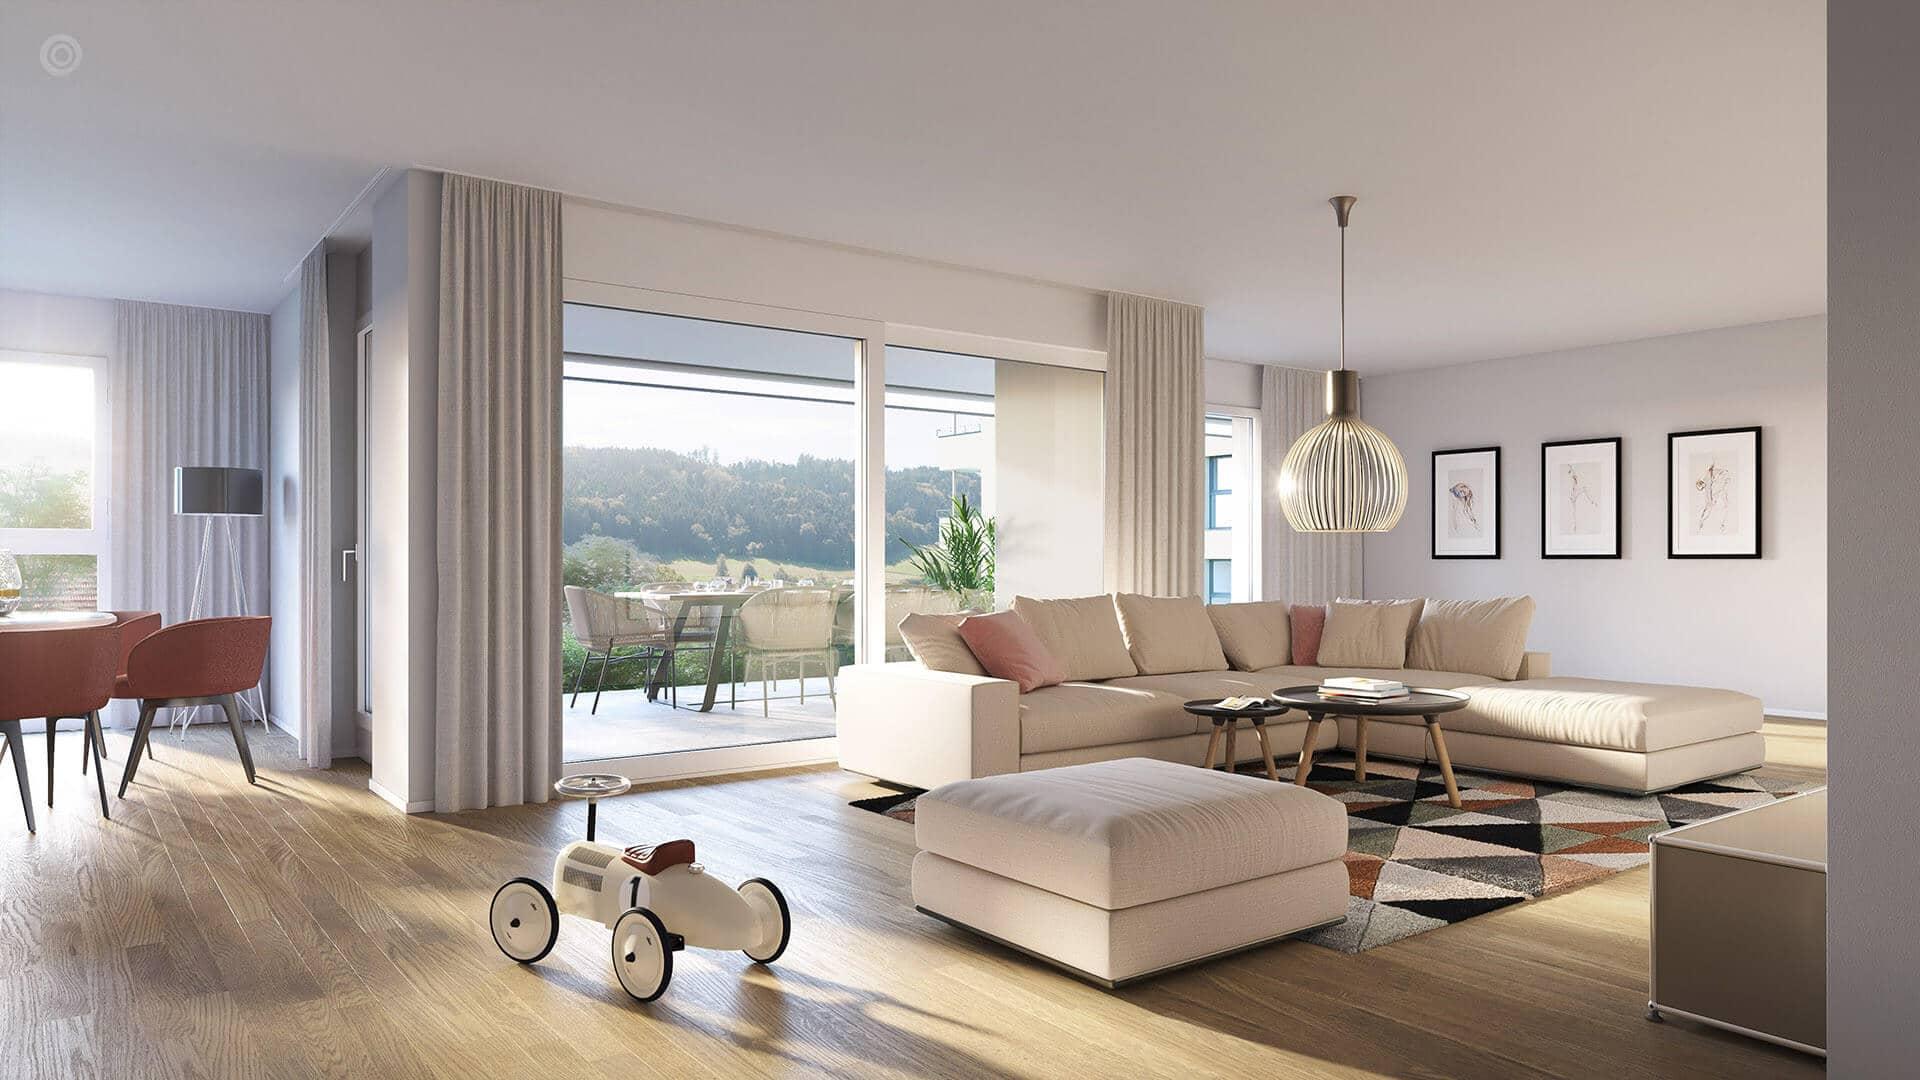 immobilienlage-standortvorteile-uffikon-kirchfeld-kreuberg-herzberg-dagmersellen-wurstomat-willimannmetzg-optimale-wohnungsbesonnung-wohnflächen-vzug-sunny-living